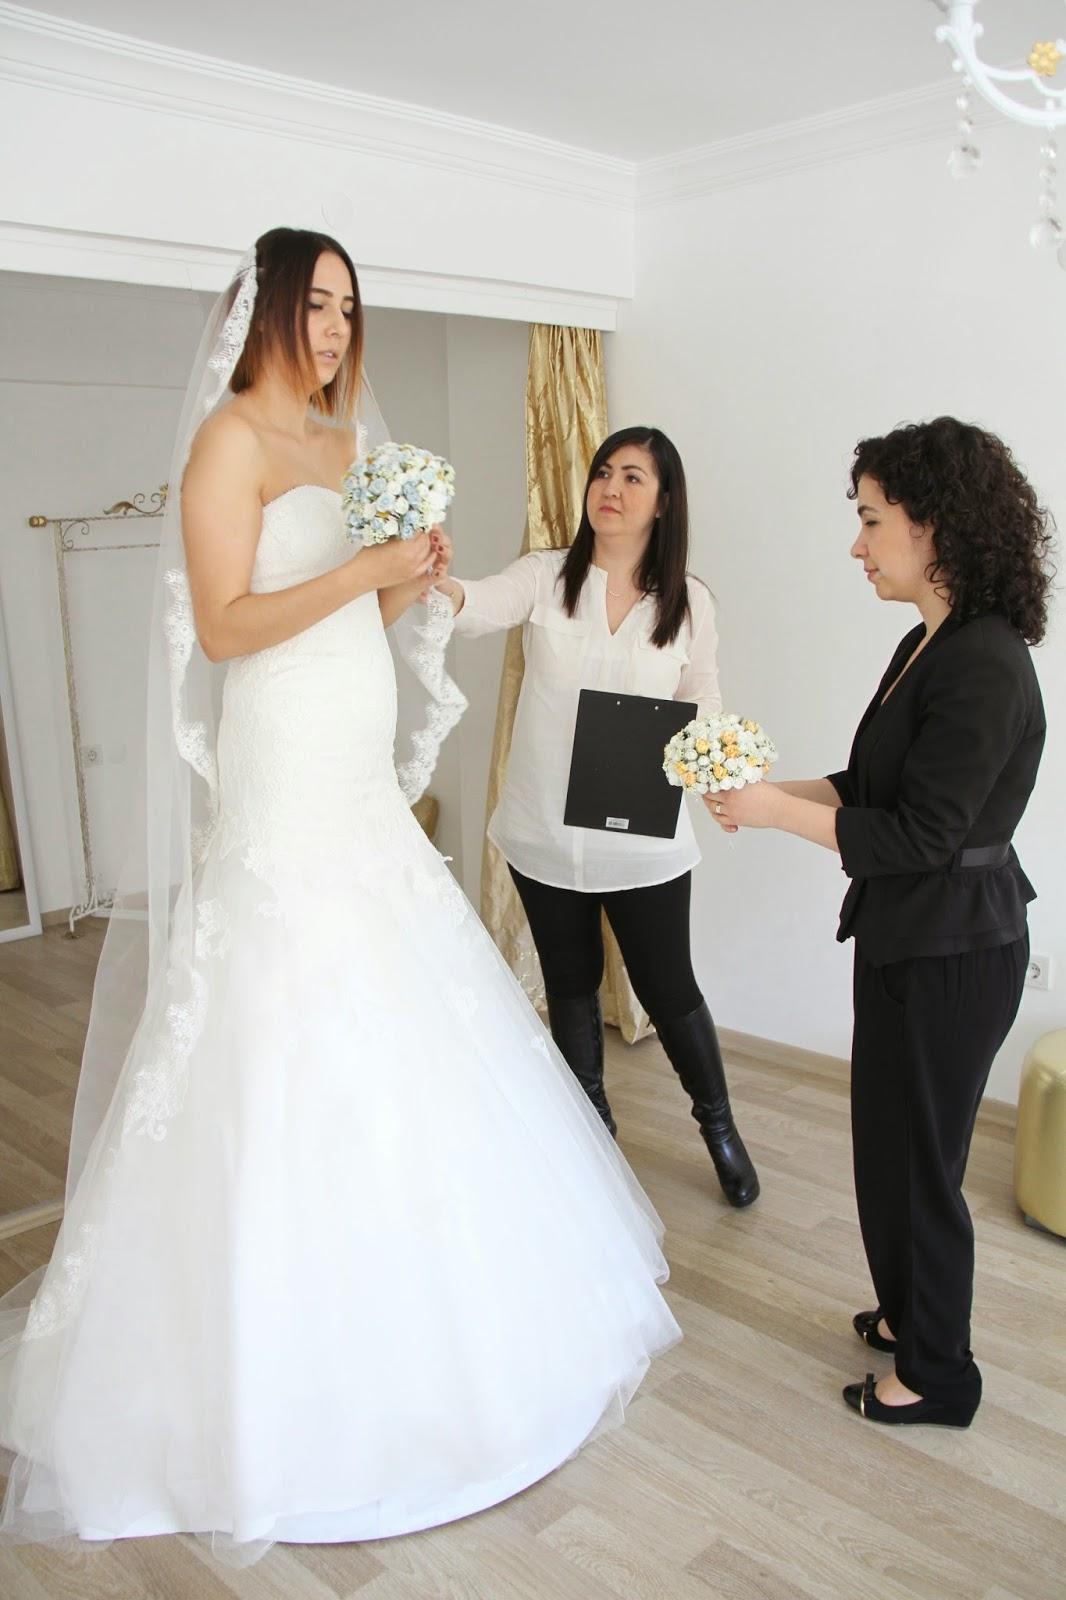 Geç evlenmek ne kadar doğru